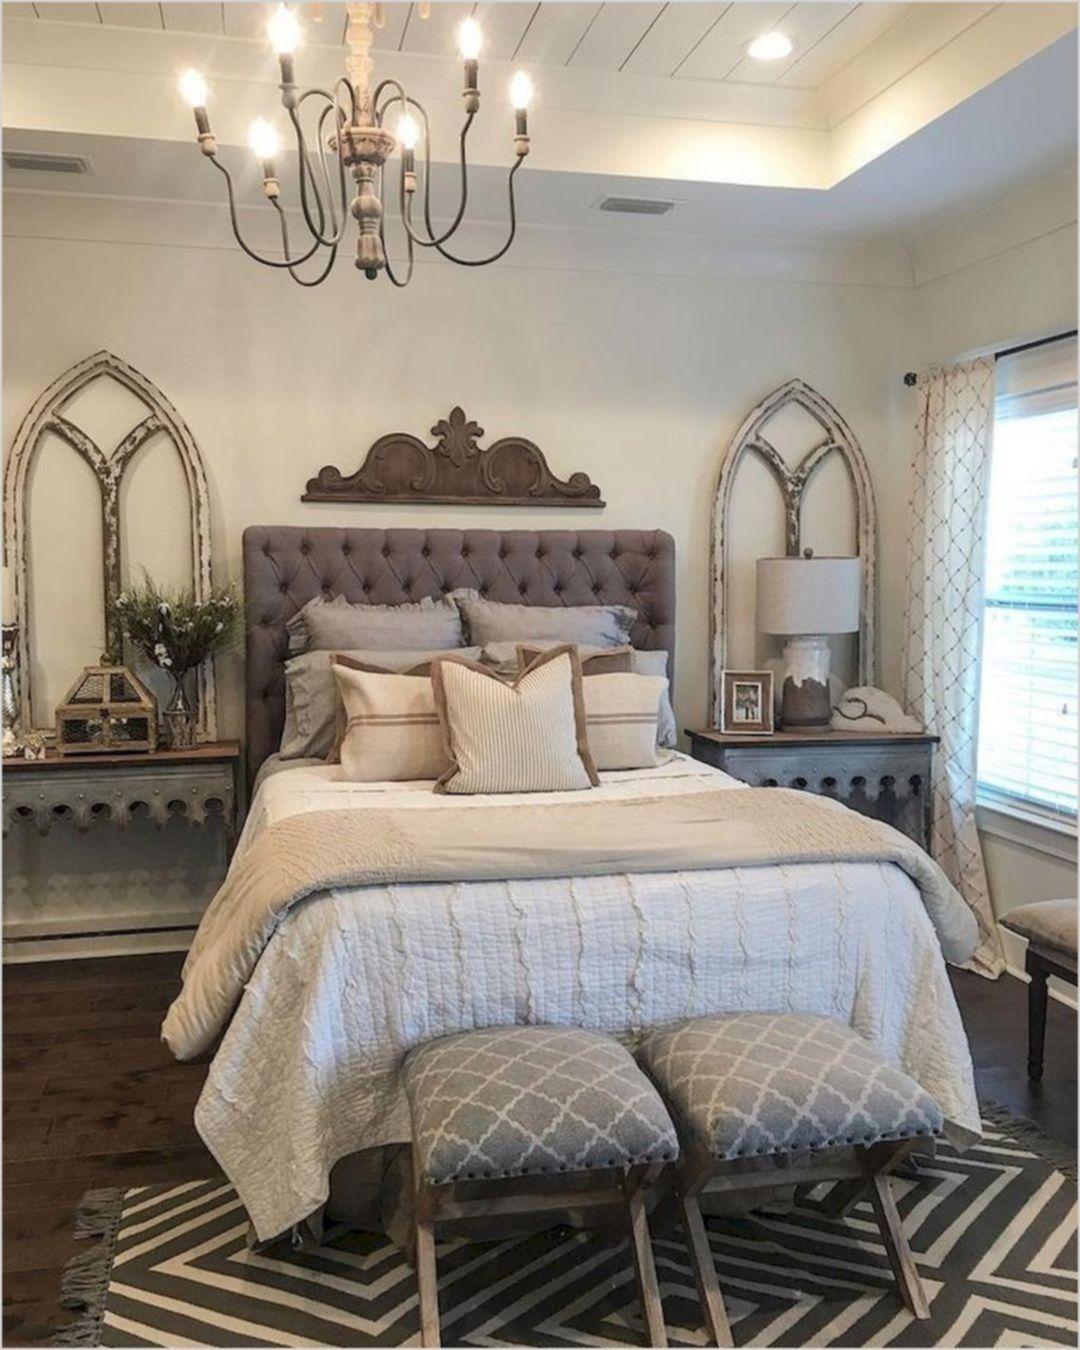 25 Inviting And Cozy Farmhouse Bedroom (The Visual Treats) - A7